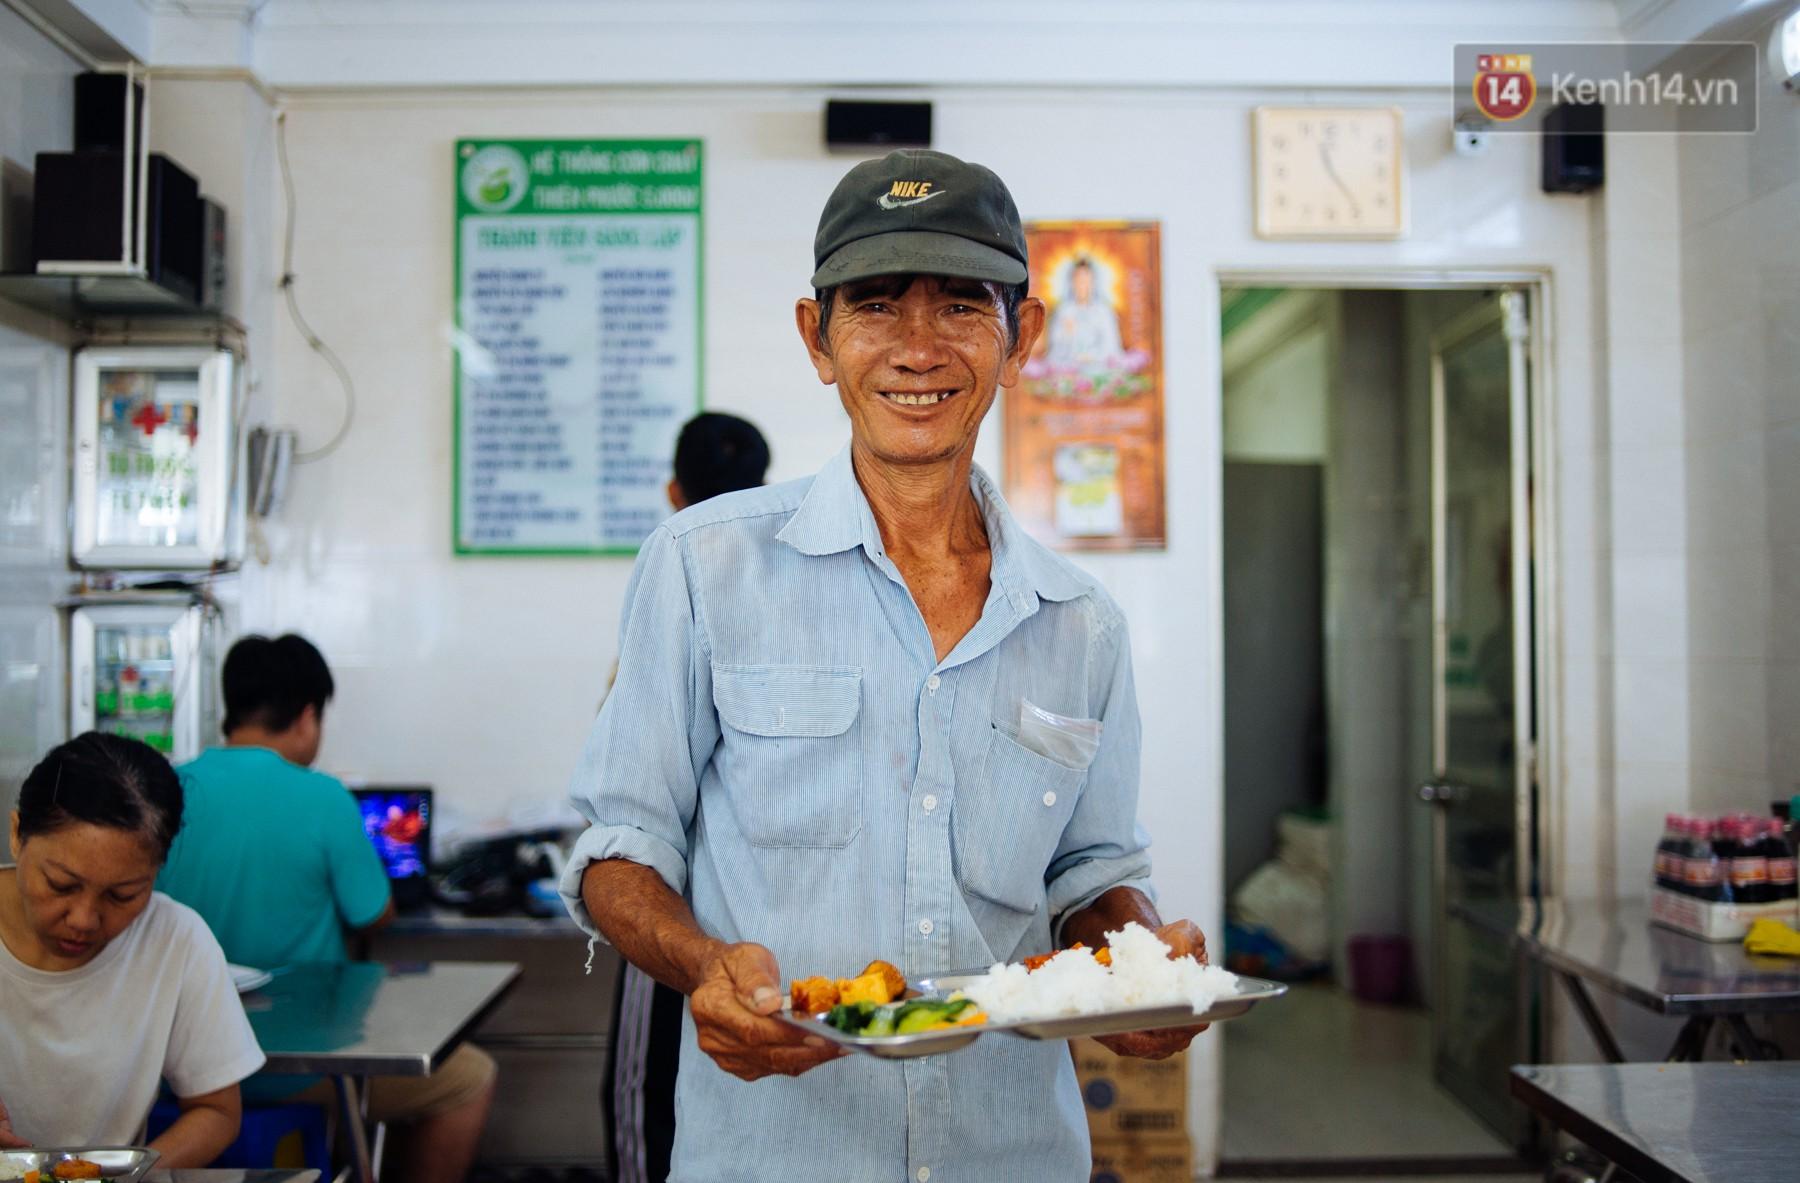 Giàu như anh bán chuối chiên Sài Gòn: Mở quán cơm 5k cho người thu nhập chưa cao, 5 năm đắt hàng - Ảnh 11.